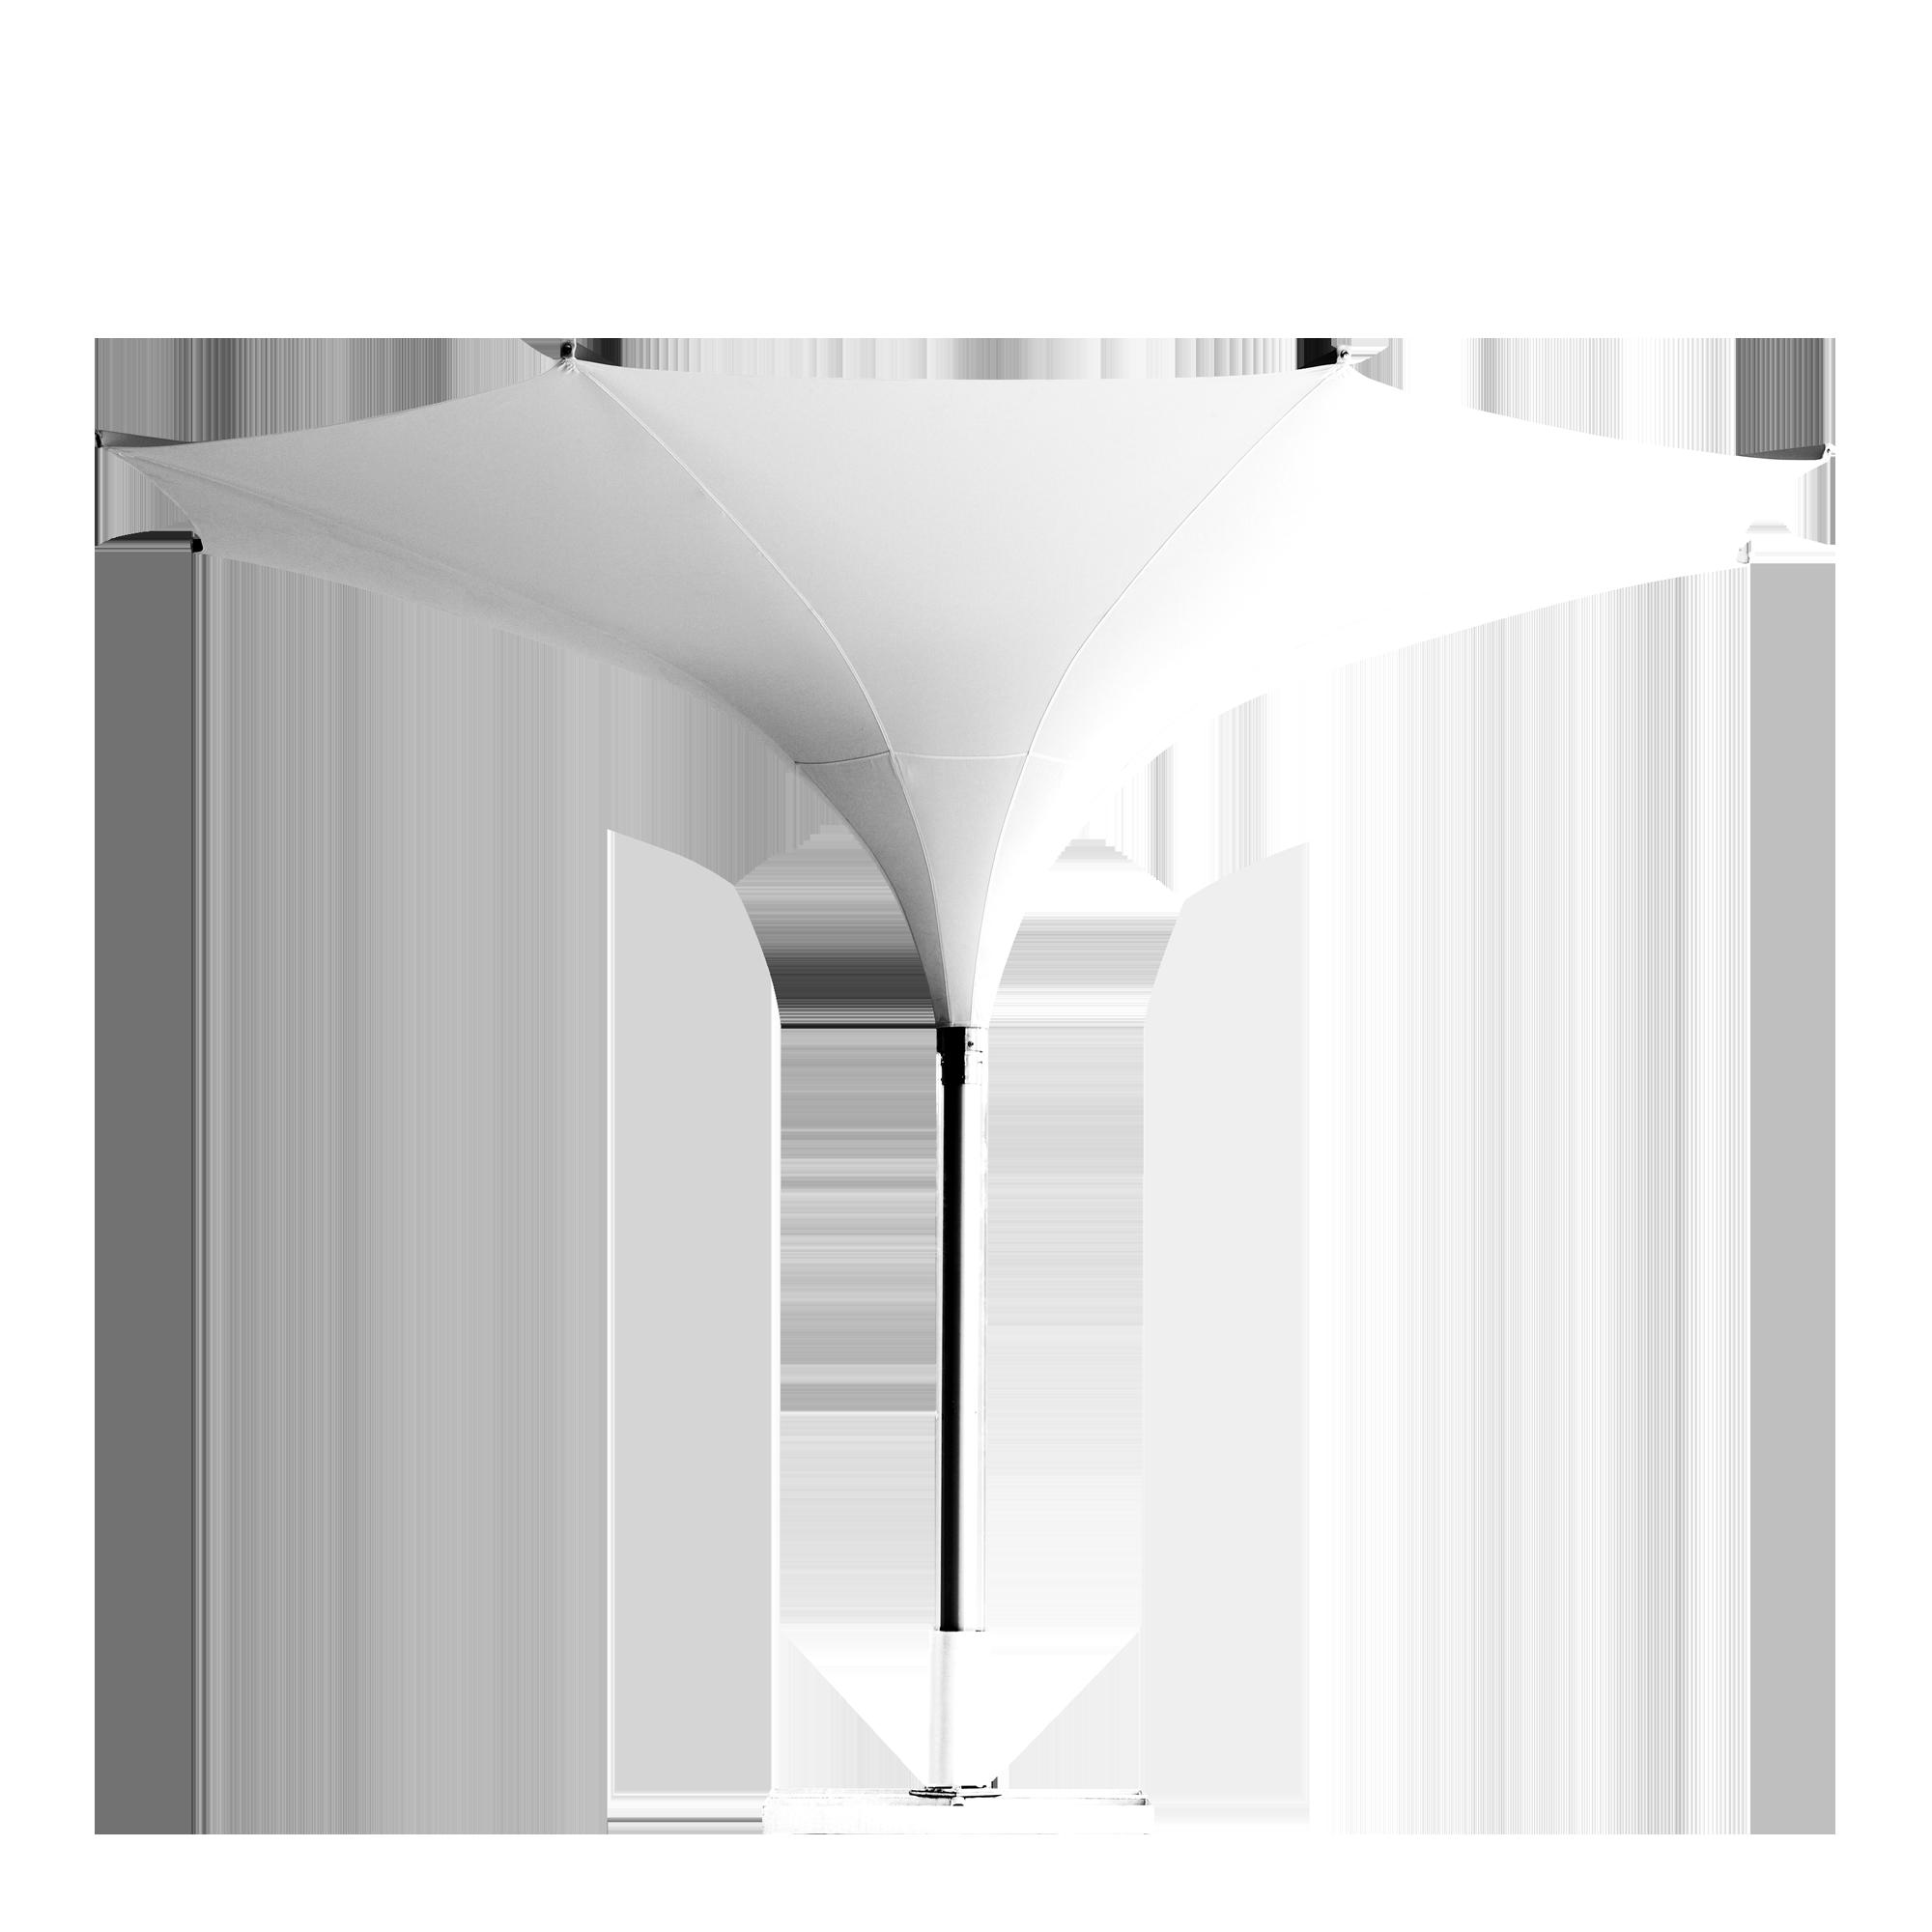 Mdt Schirme mdt • design und anspruchsvolle technik • gogl sonnenschirme